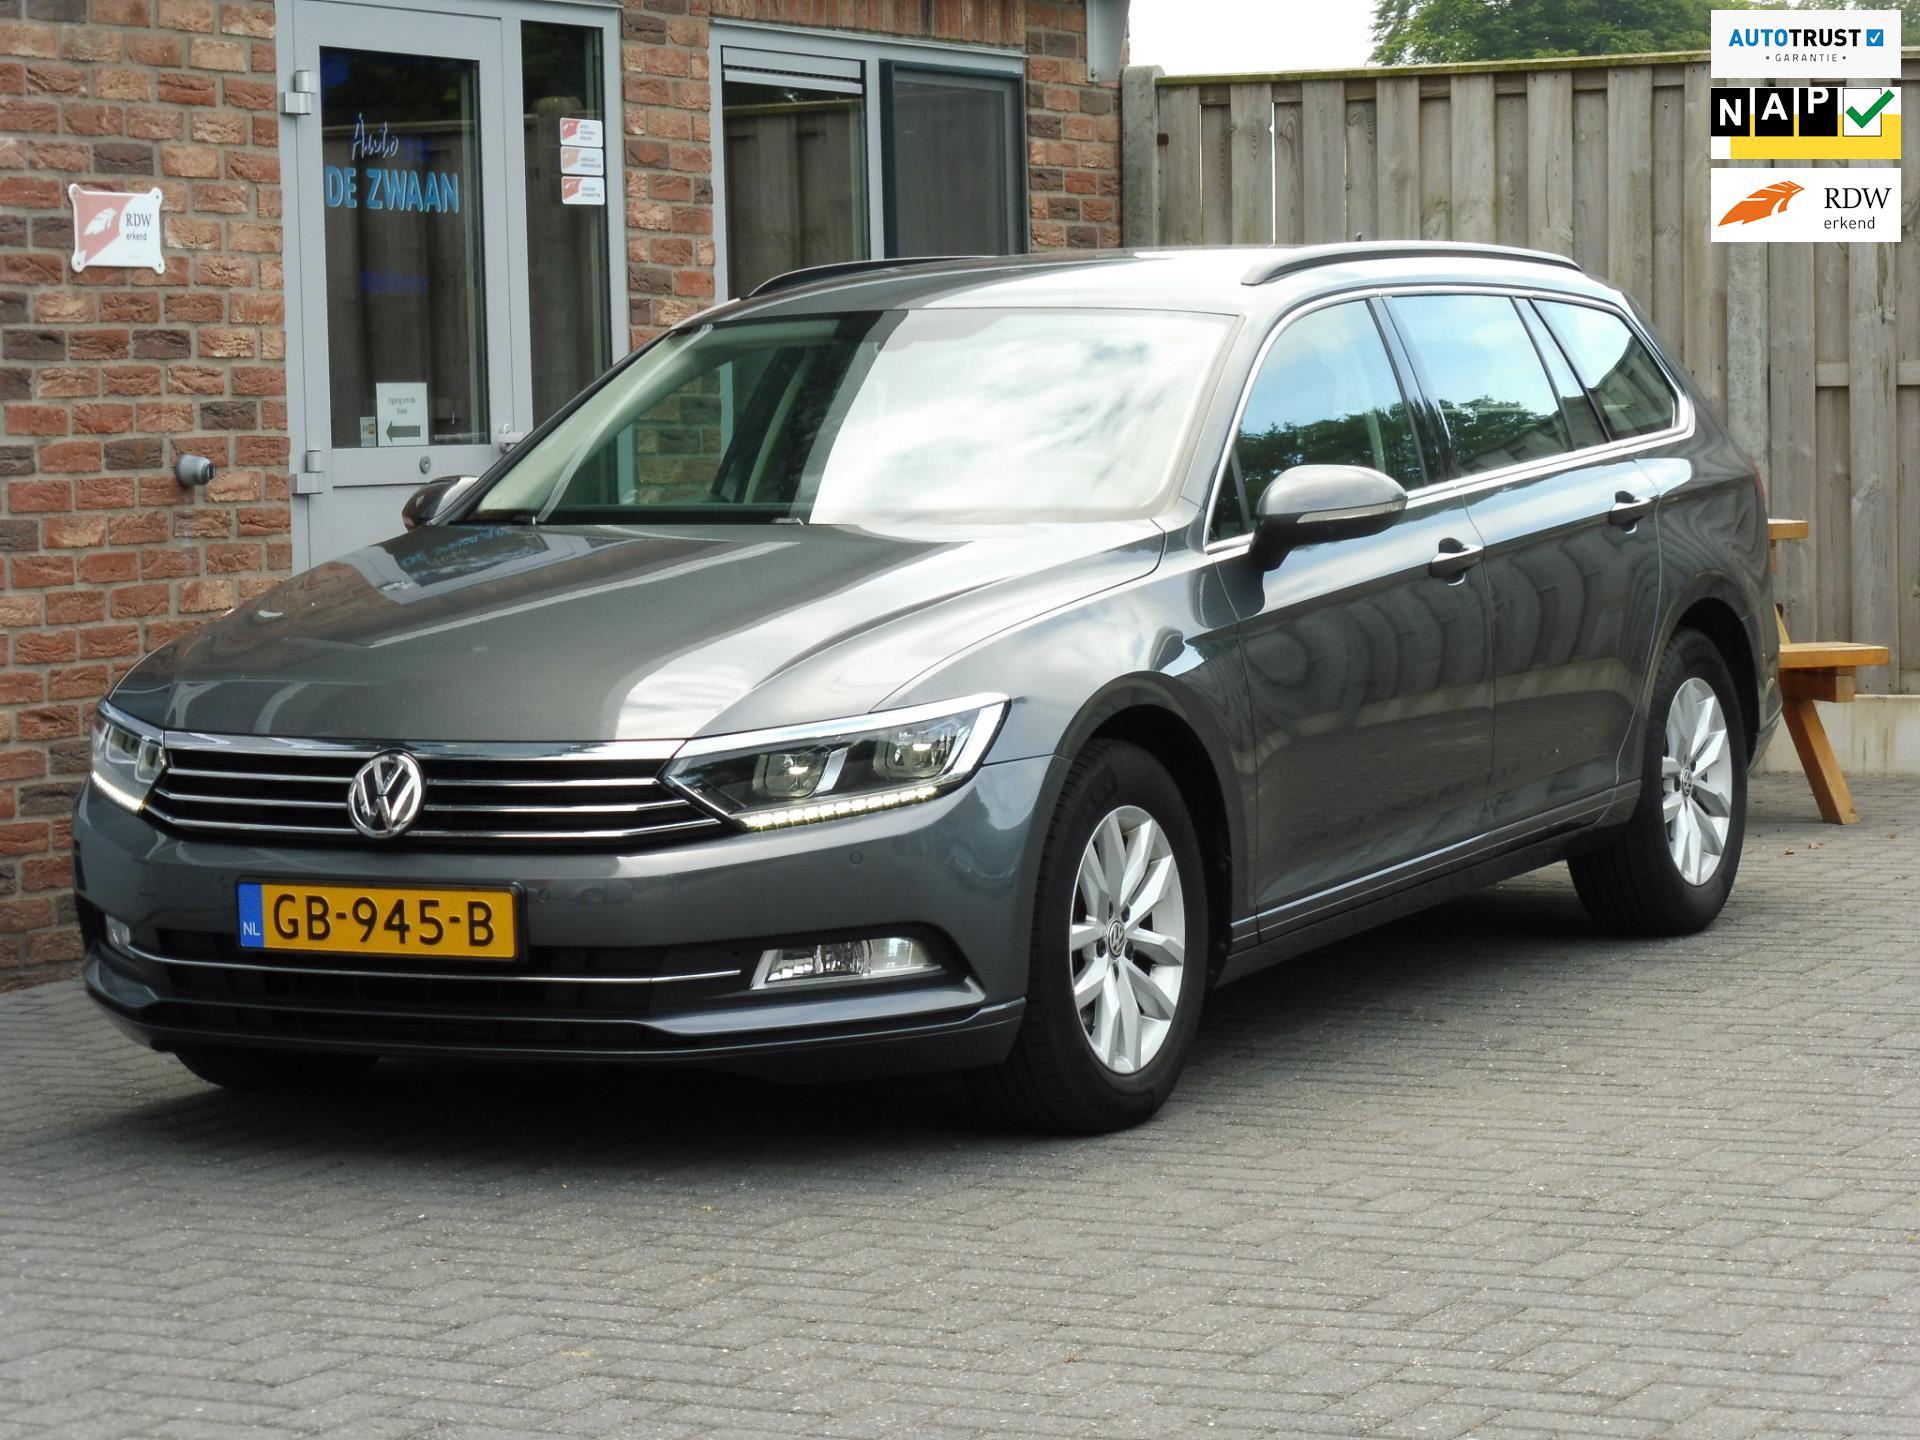 Volkswagen Passat Variant occasion - Auto de Zwaan